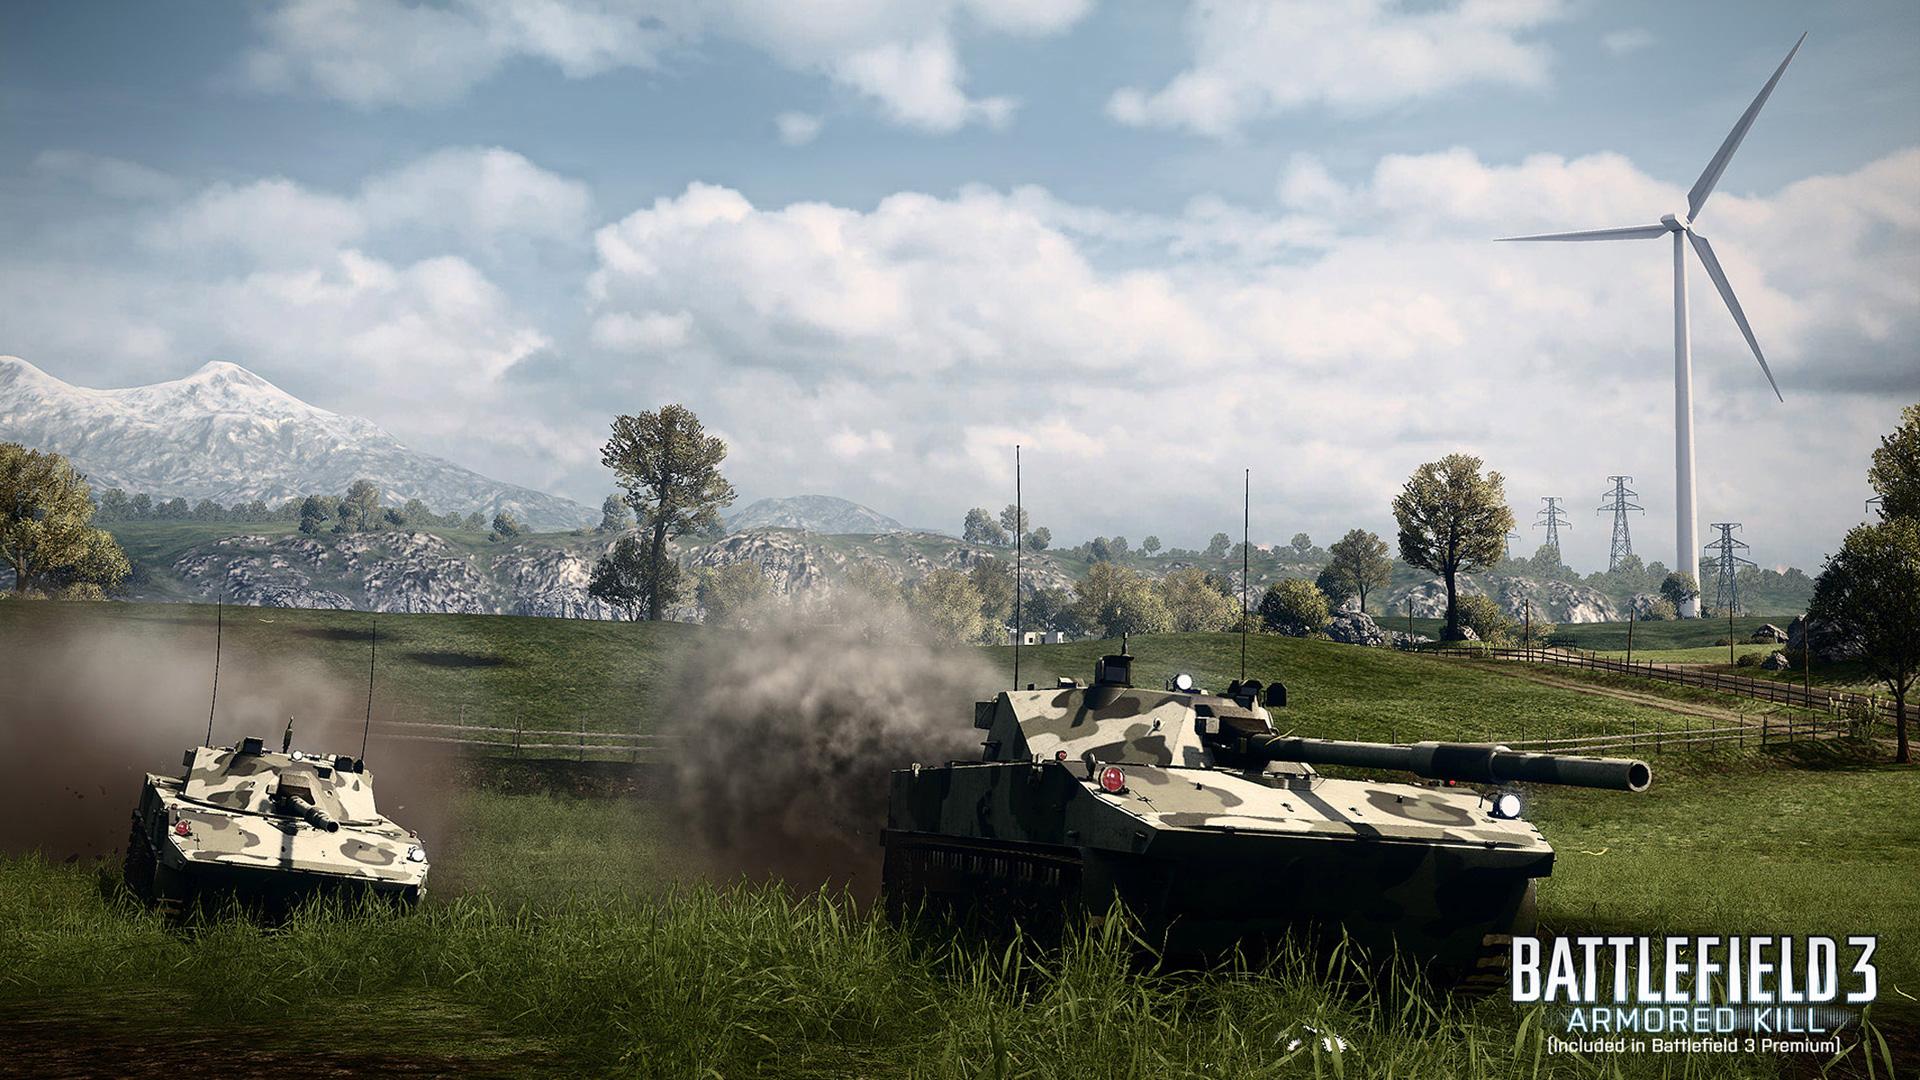 Battlefield 3 Wallpaper in 1920x1080